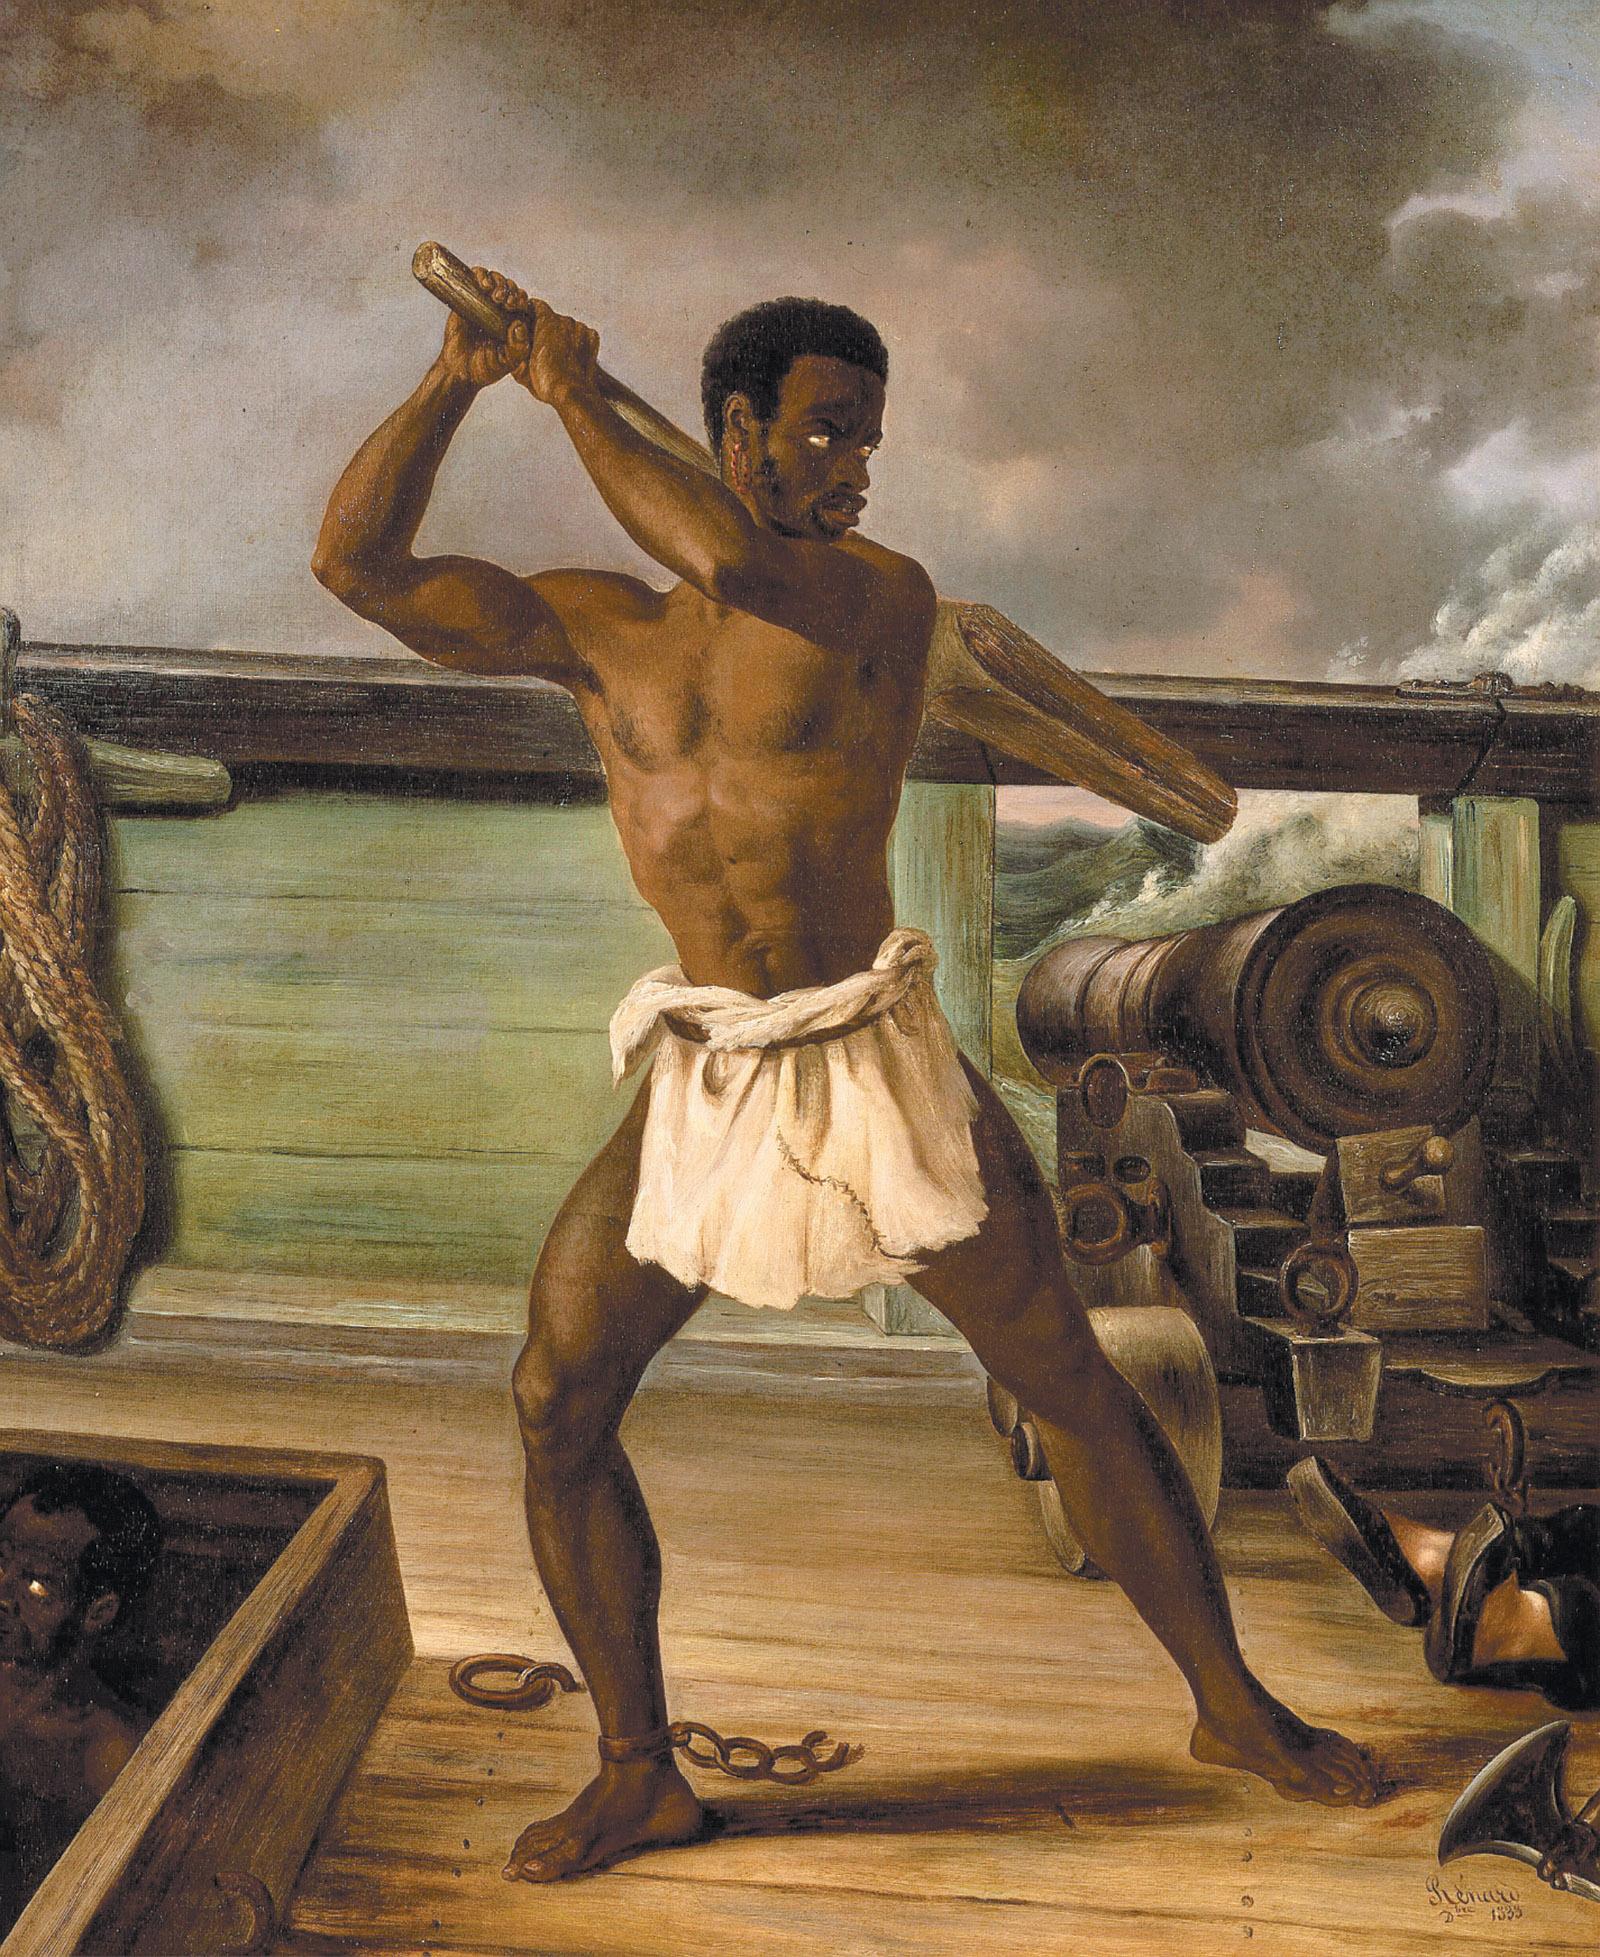 Edouard Antoine Renard: Rebellion of a Slave on a Slave Ship, 1833